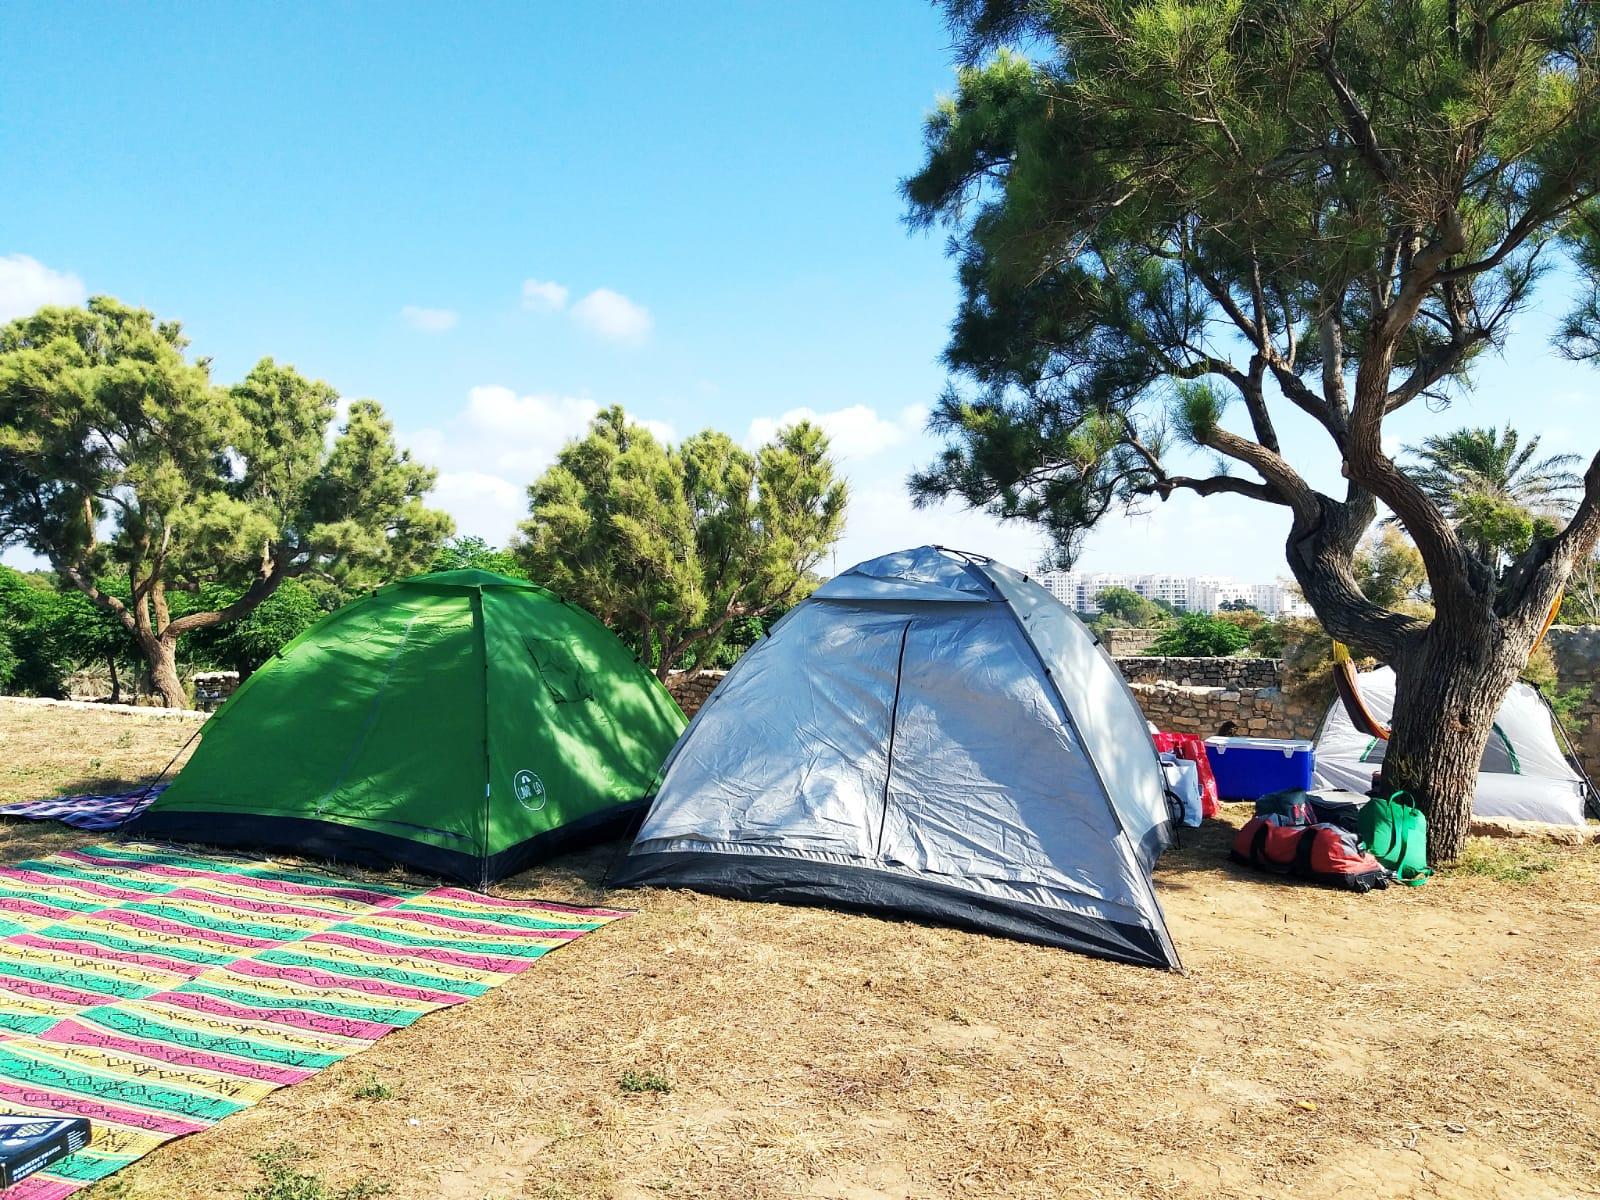 קמפינג באכזיב- אוהלים